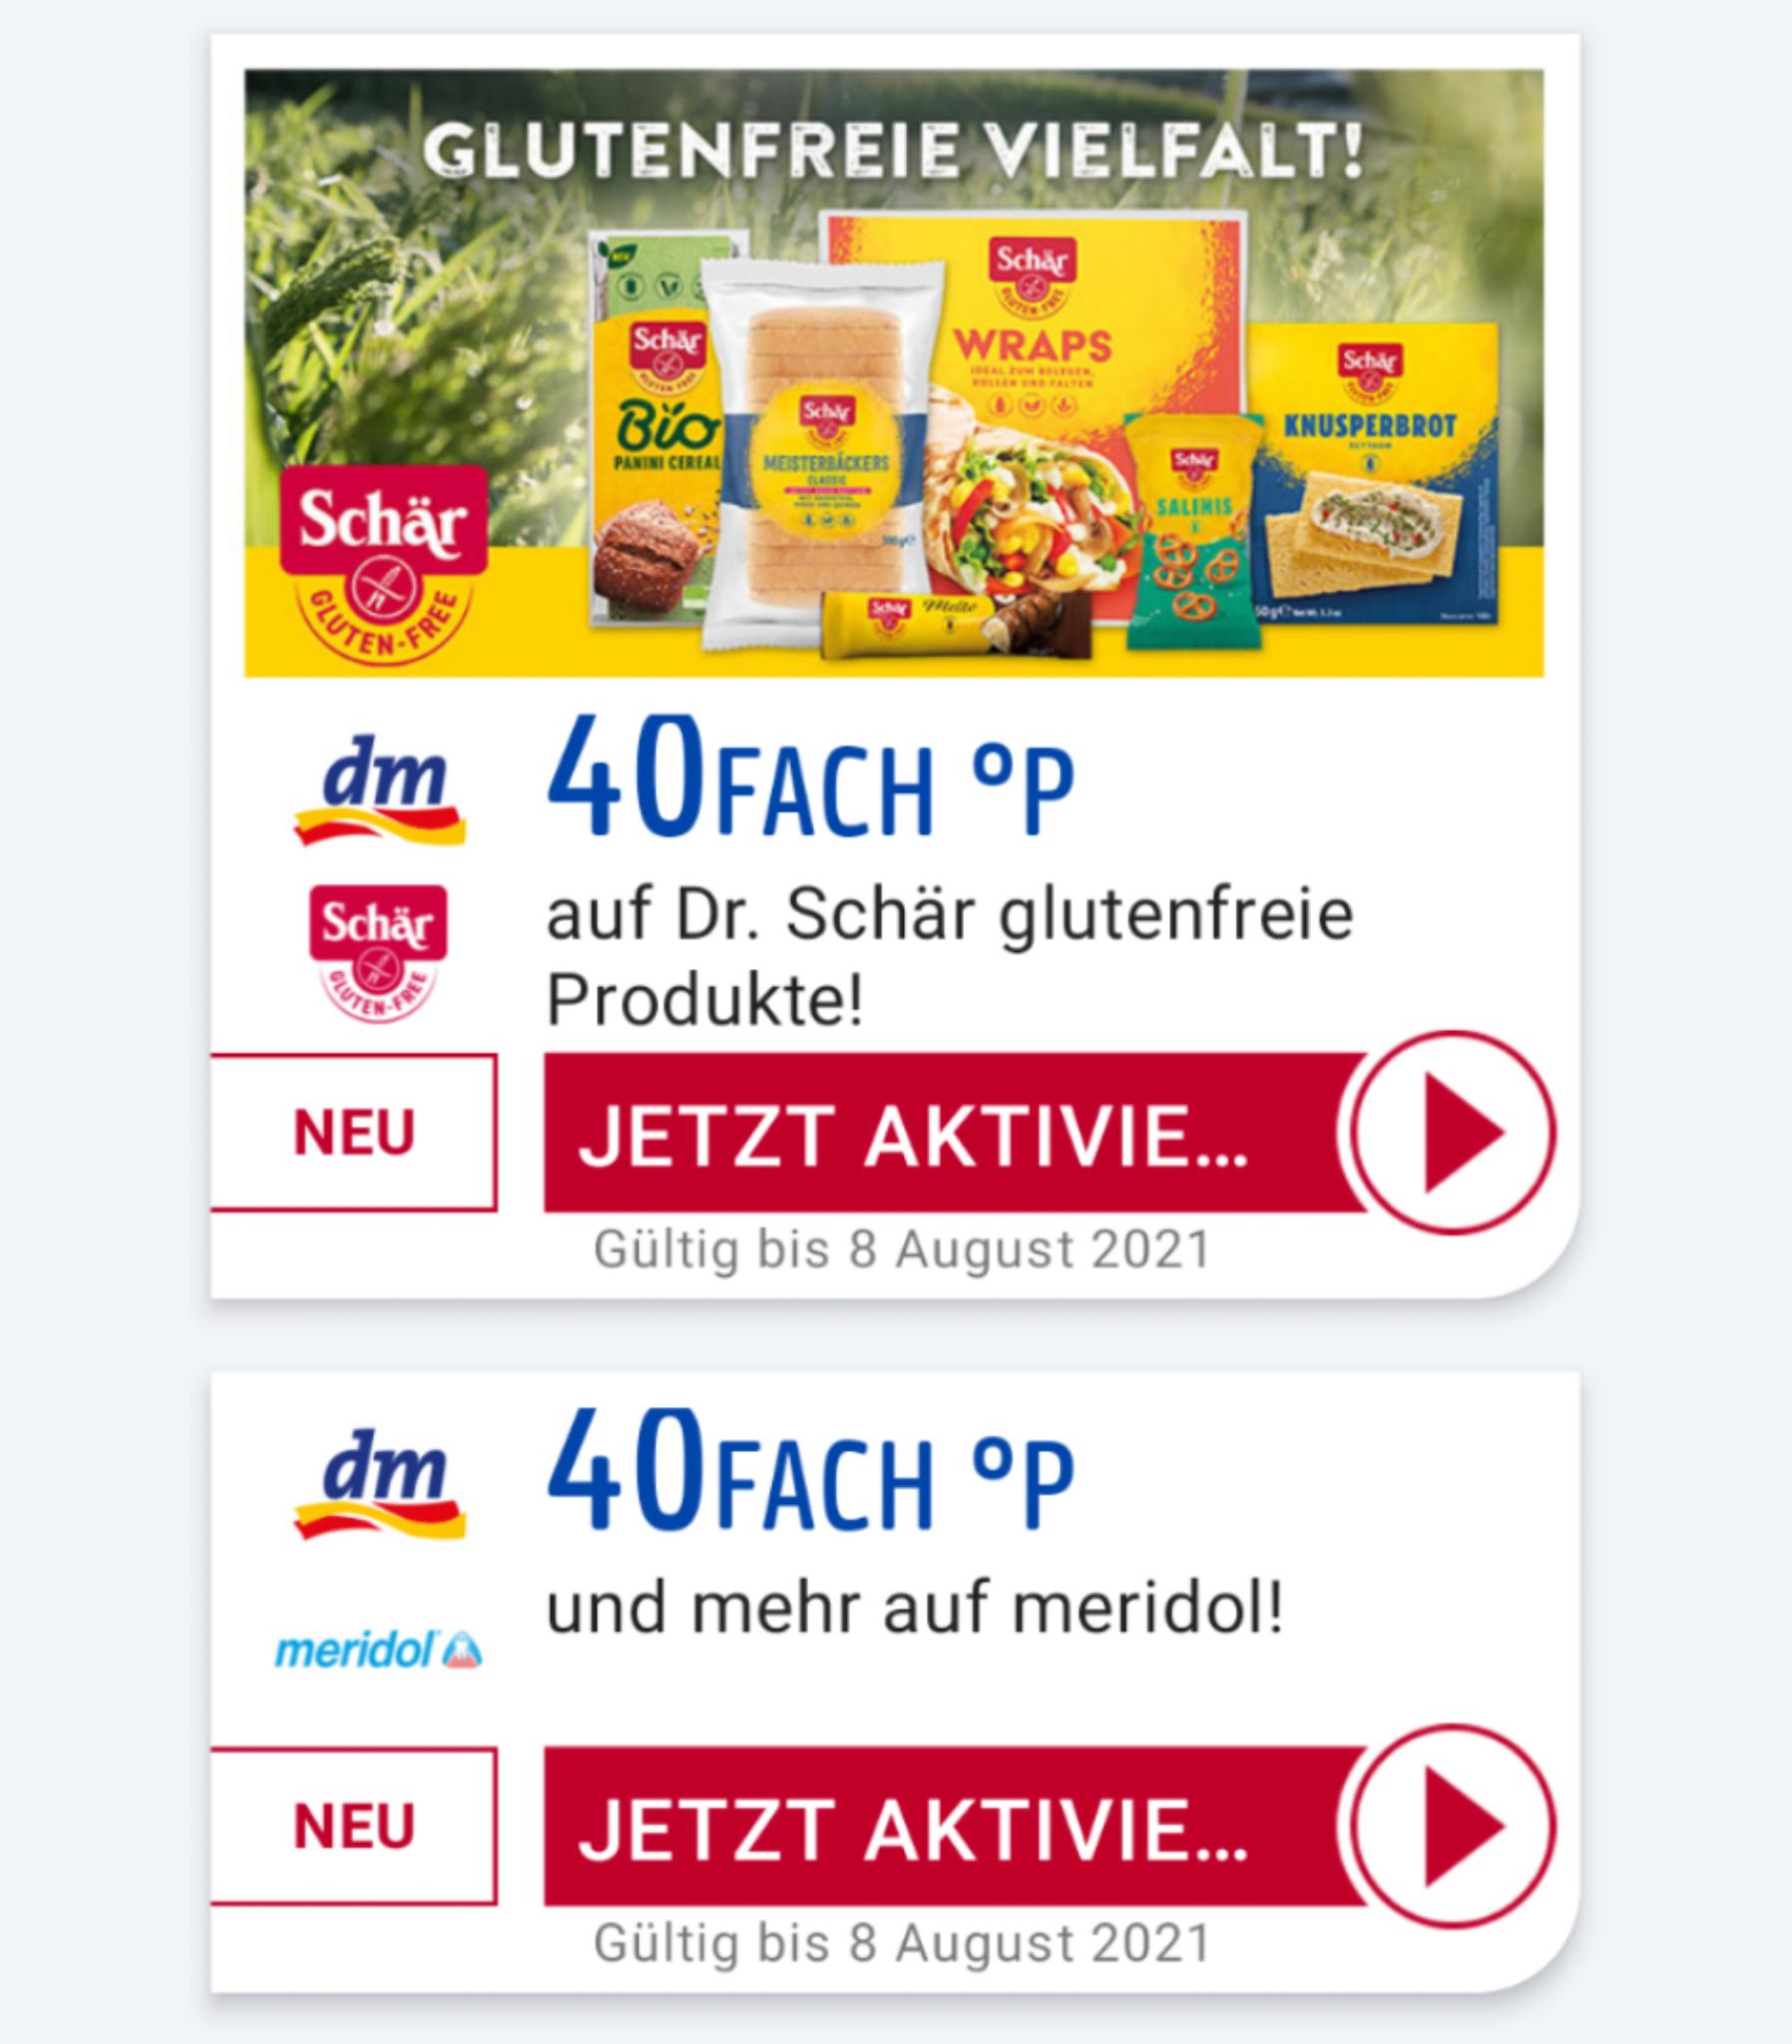 DM - 40fach payback Punkte auf Dr. Schär glutenfrei und meridol Produkte( personalisiert)+ weitere 20fach oder 15fach Coupons